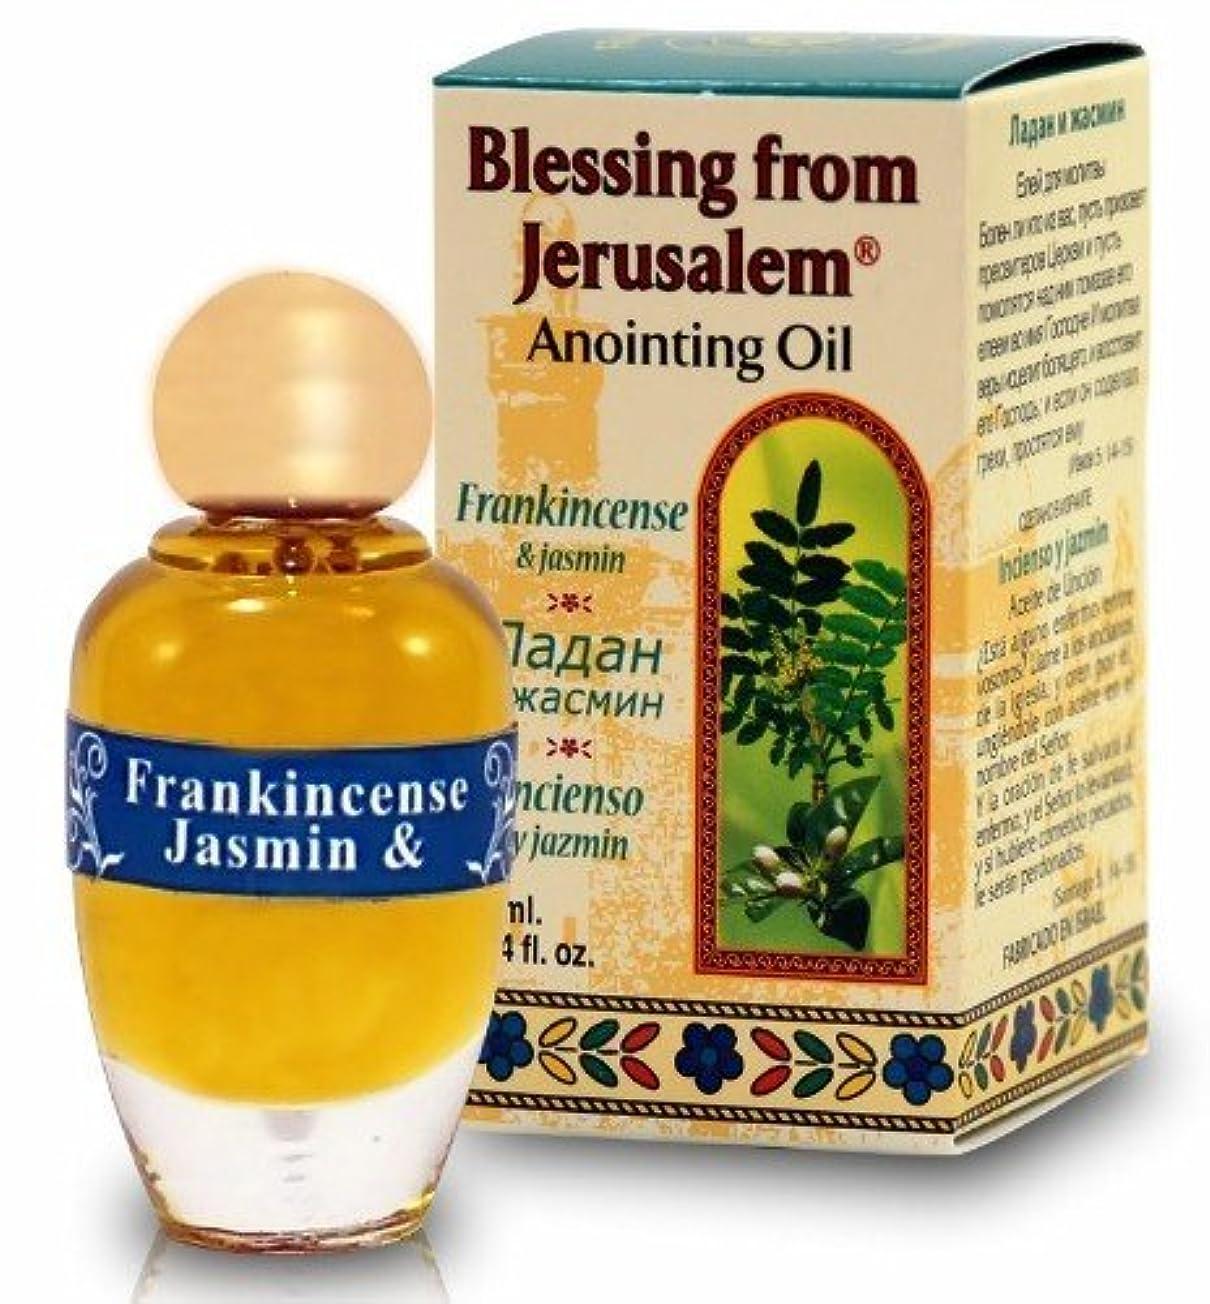 つば挨拶する政令Top Seller Frankincense &ジャスミンAnointing Oil byベツレヘムギフトTM